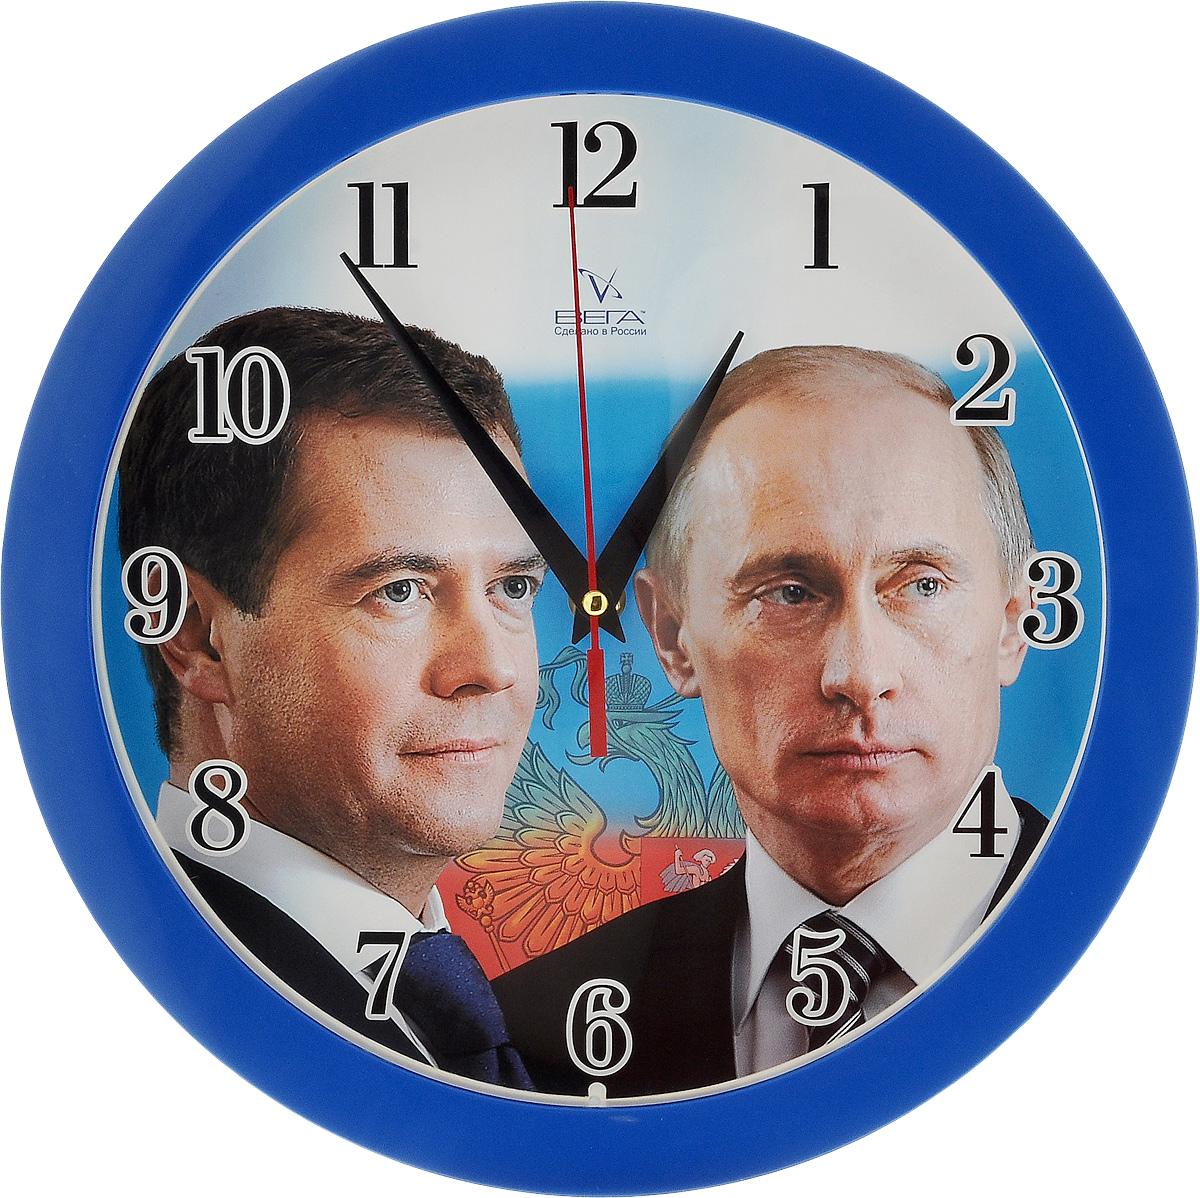 Часы настенные Вега Первые лица, диаметр 28,5 смД1МД/6-191Настенные кварцевые часы Вега Первые лица, изготовленные из пластика, прекрасно впишутся в интерьер вашего дома. Круглые часы имеют три стрелки: часовую, минутную и секундную, циферблат защищен прозрачным стеклом. Часы работают от 1 батарейки типа АА напряжением 1,5 В (не входит в комплект). Диаметр часов: 28,5 см.